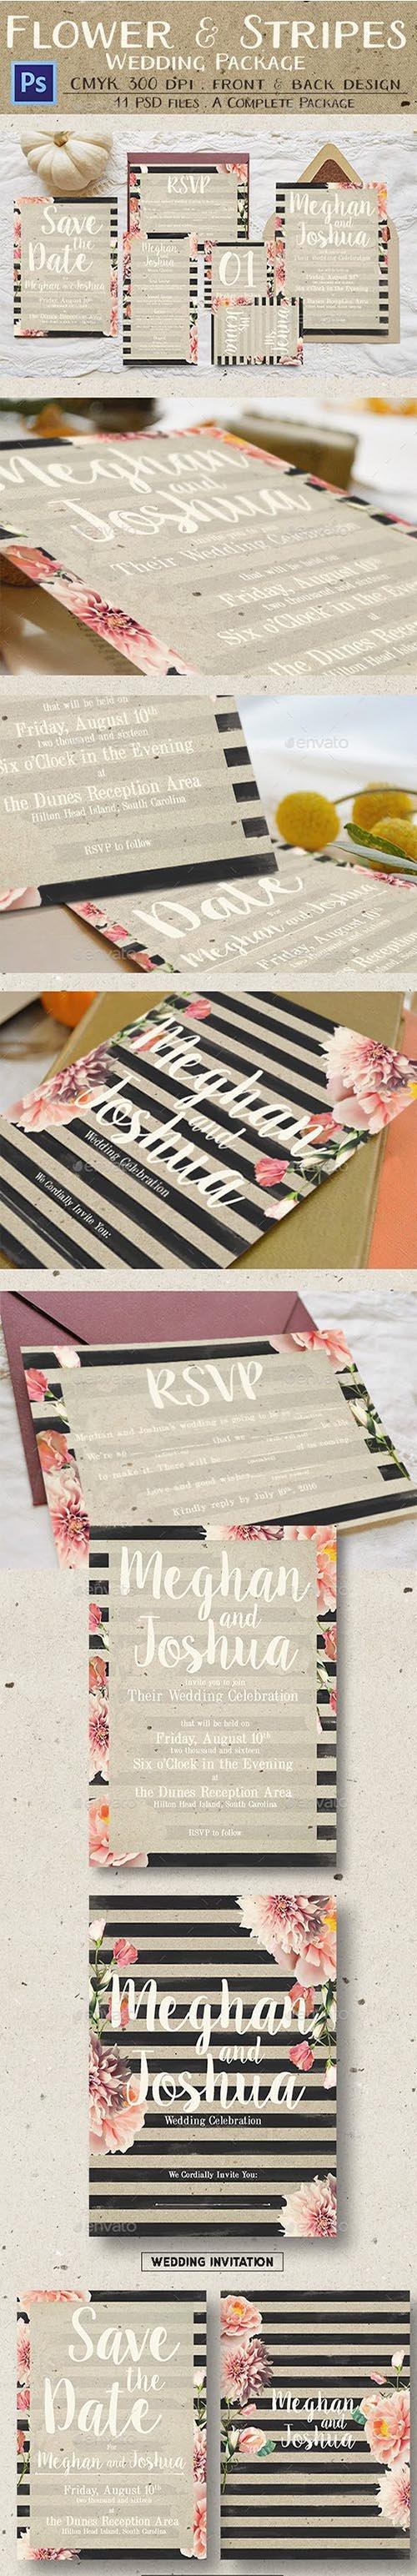 GR - Rustic Flower & Stripes Wedding Package 13641213